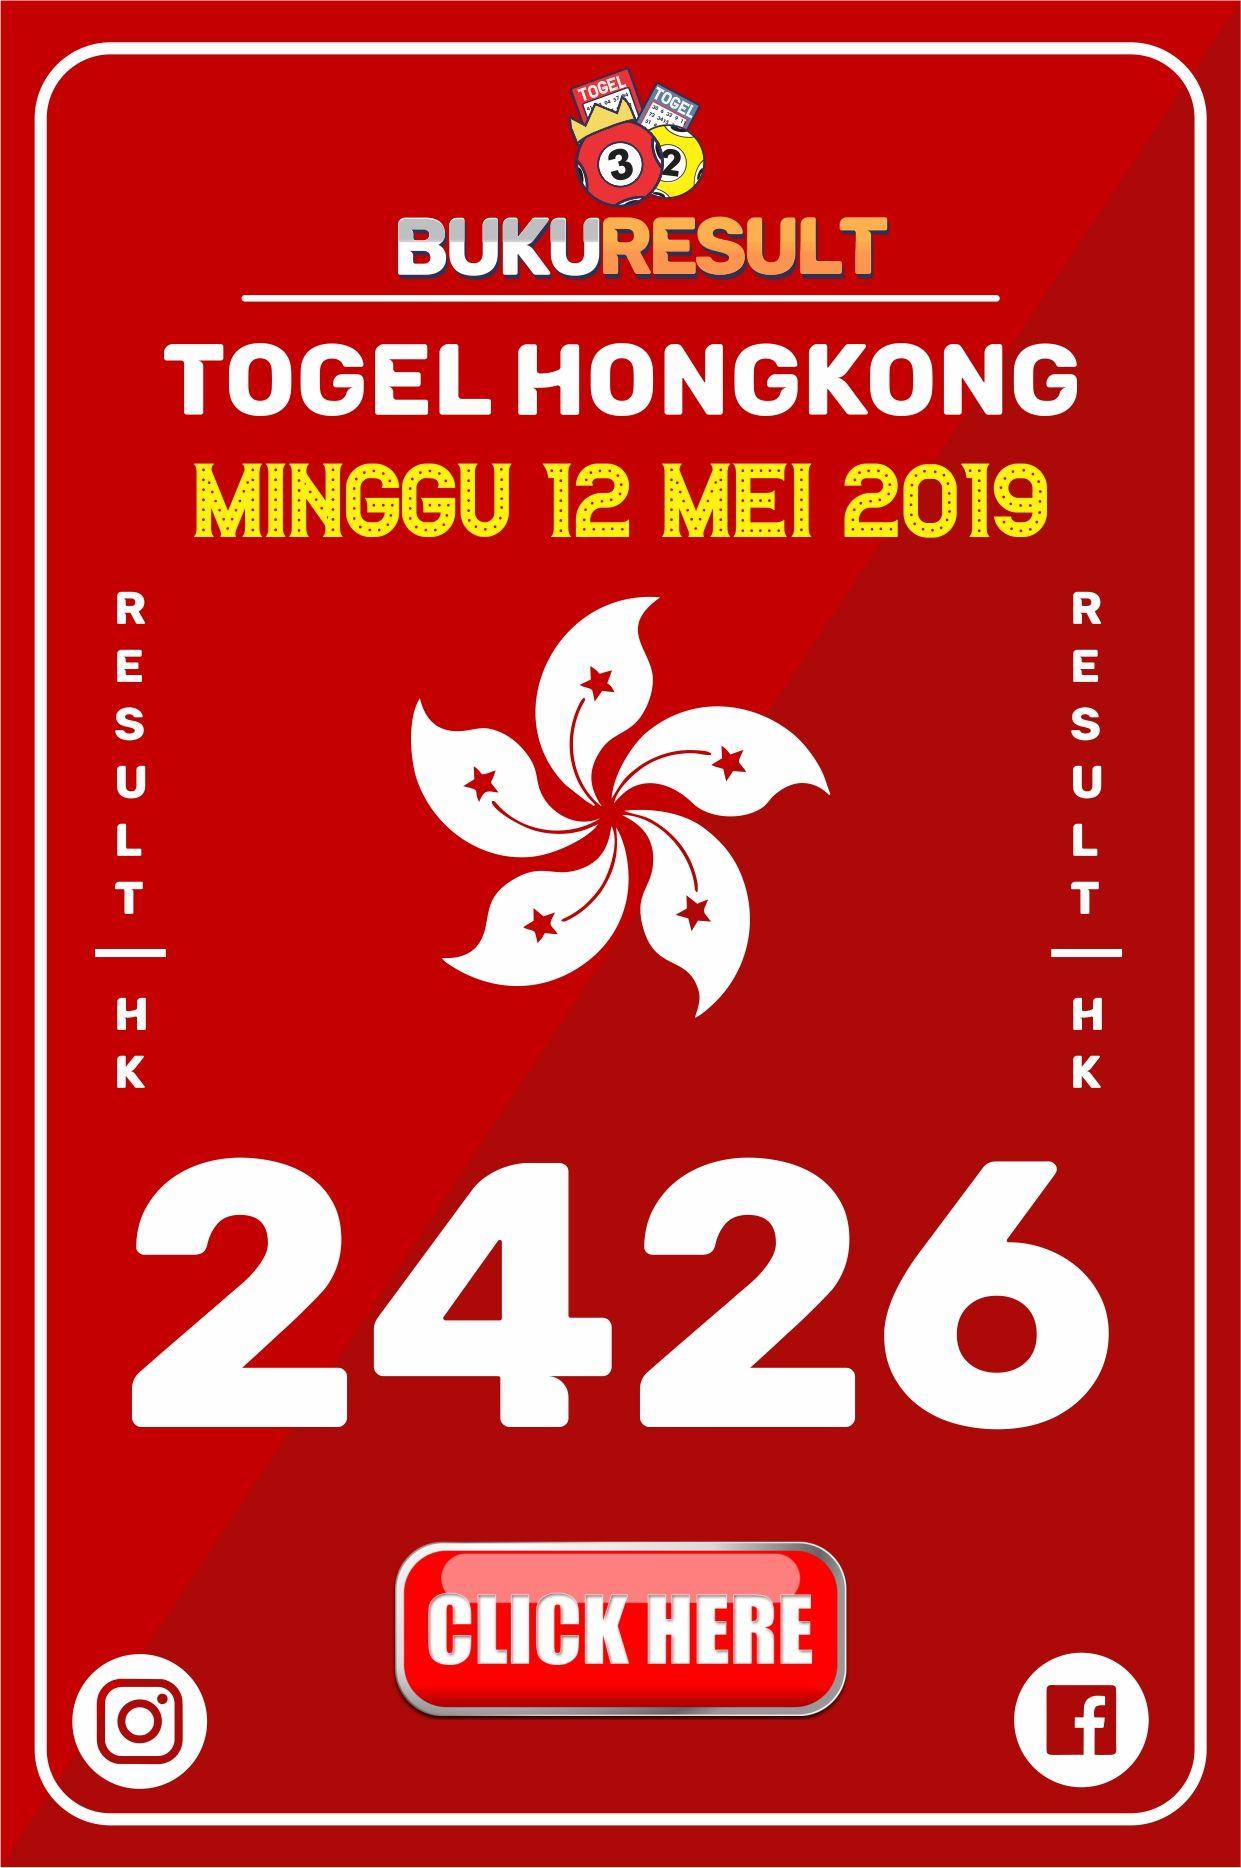 Togel Hkg 2018 Hari Ini Hongkong 2019 : togel, hongkong, RESULT, TOGEL, HONGKONG, Selasa,, Minggu,, Periode